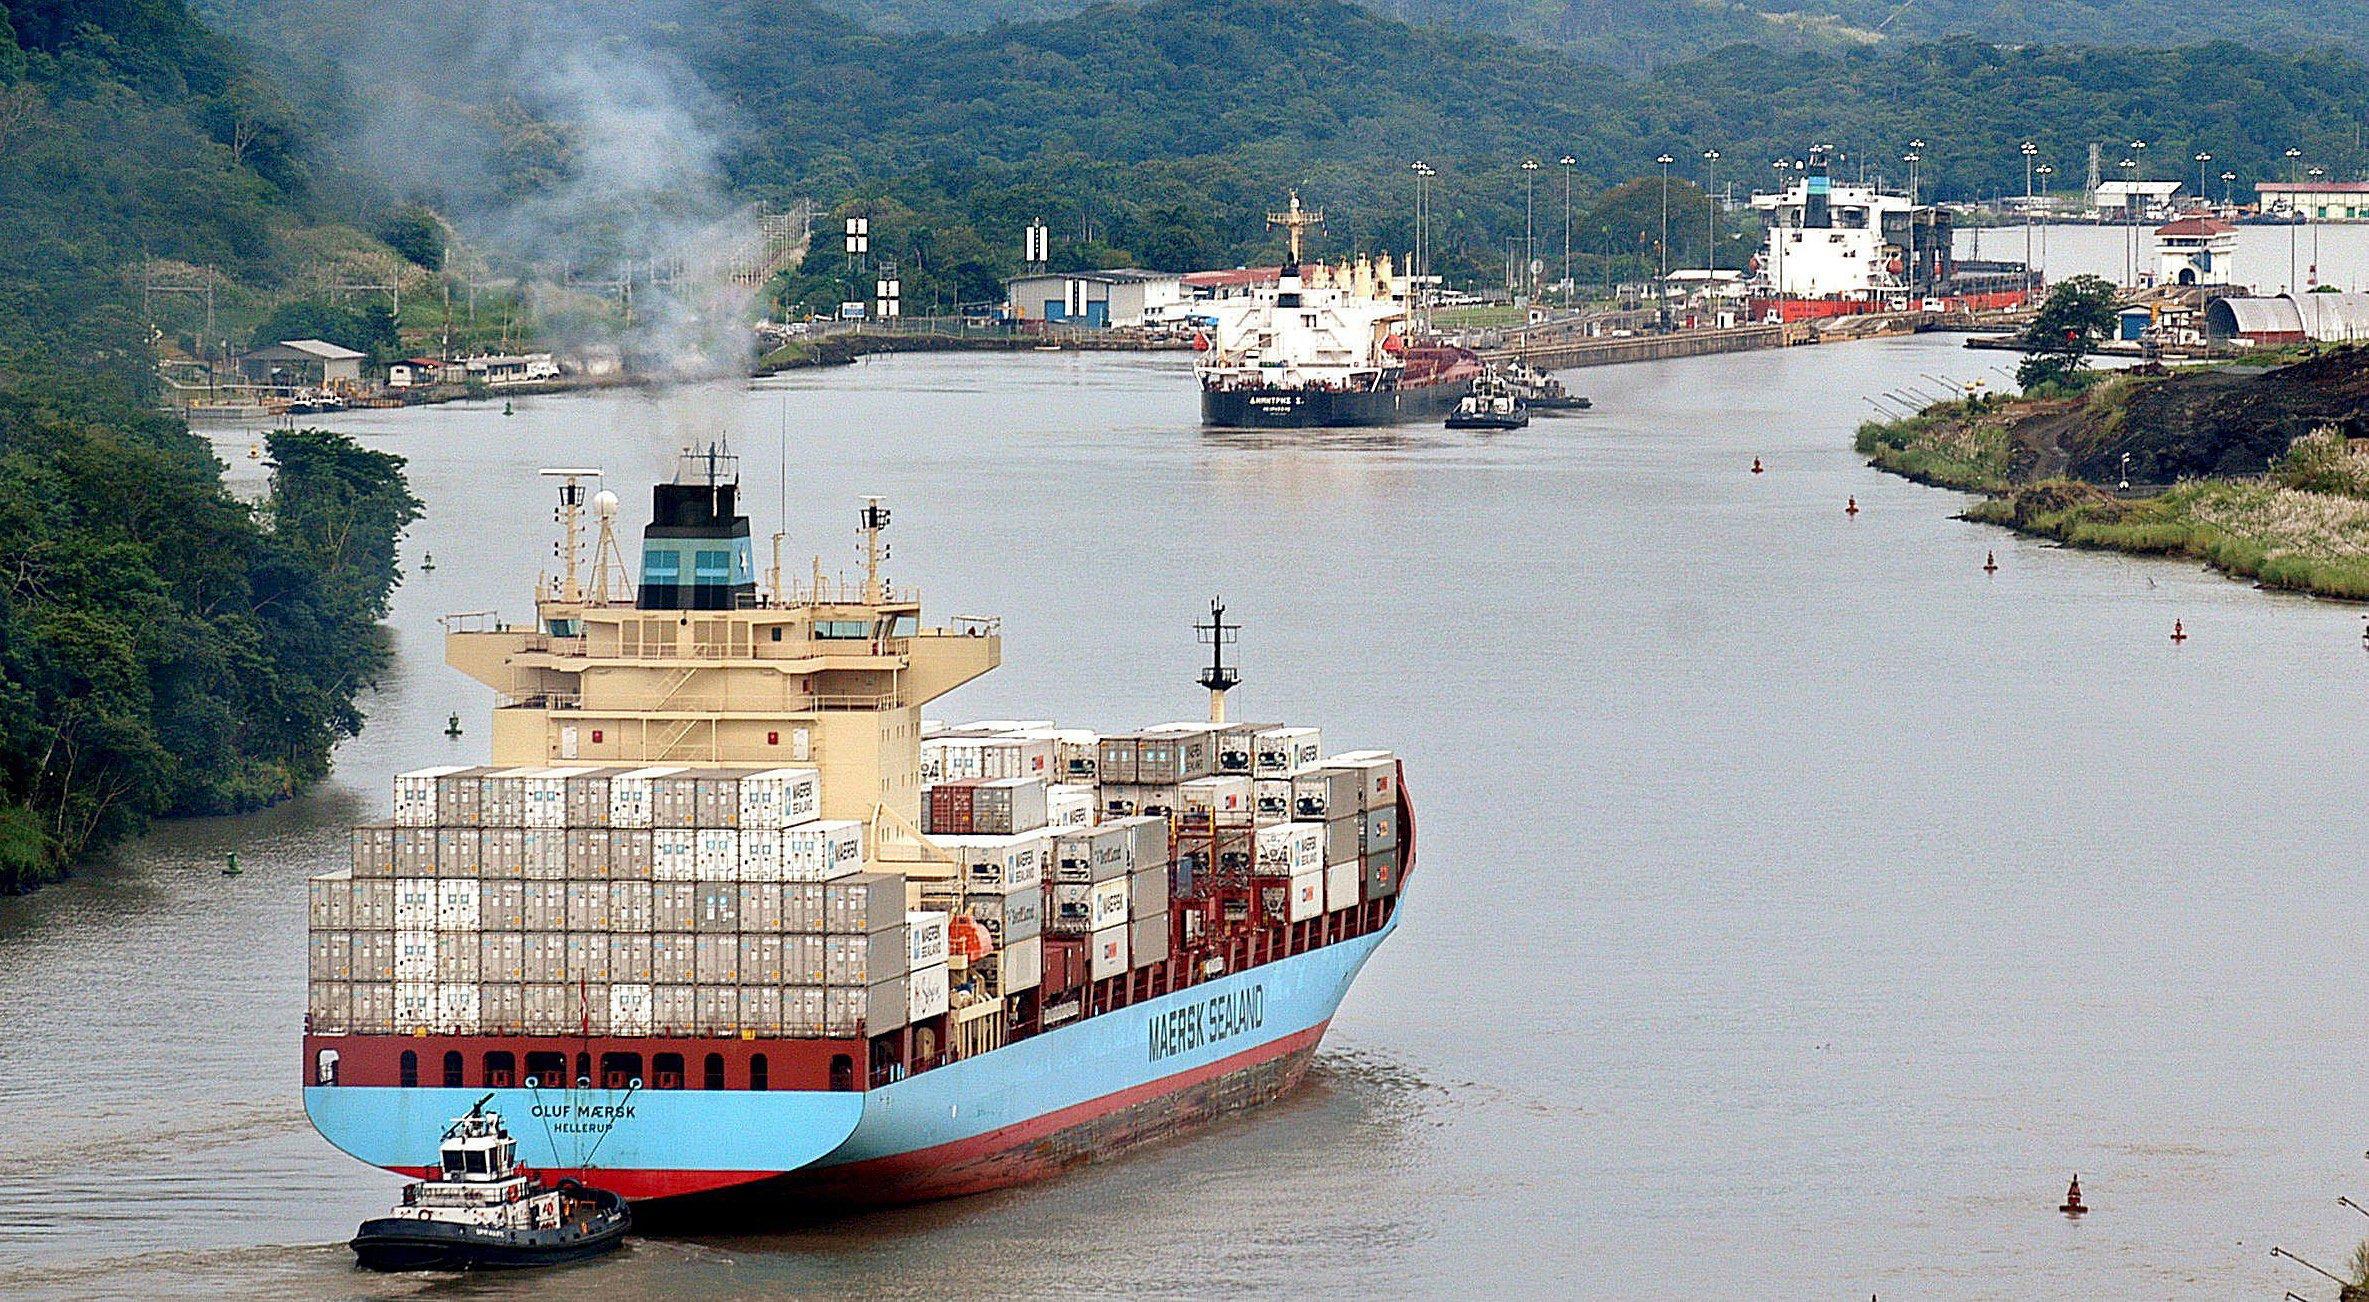 Schiffe auf dem Panamakanal. Weiter nördlich soll es 2019 eine weitere Verbindung zwischen Atlantik und Pazifik geben: den Nicaraguakanal.